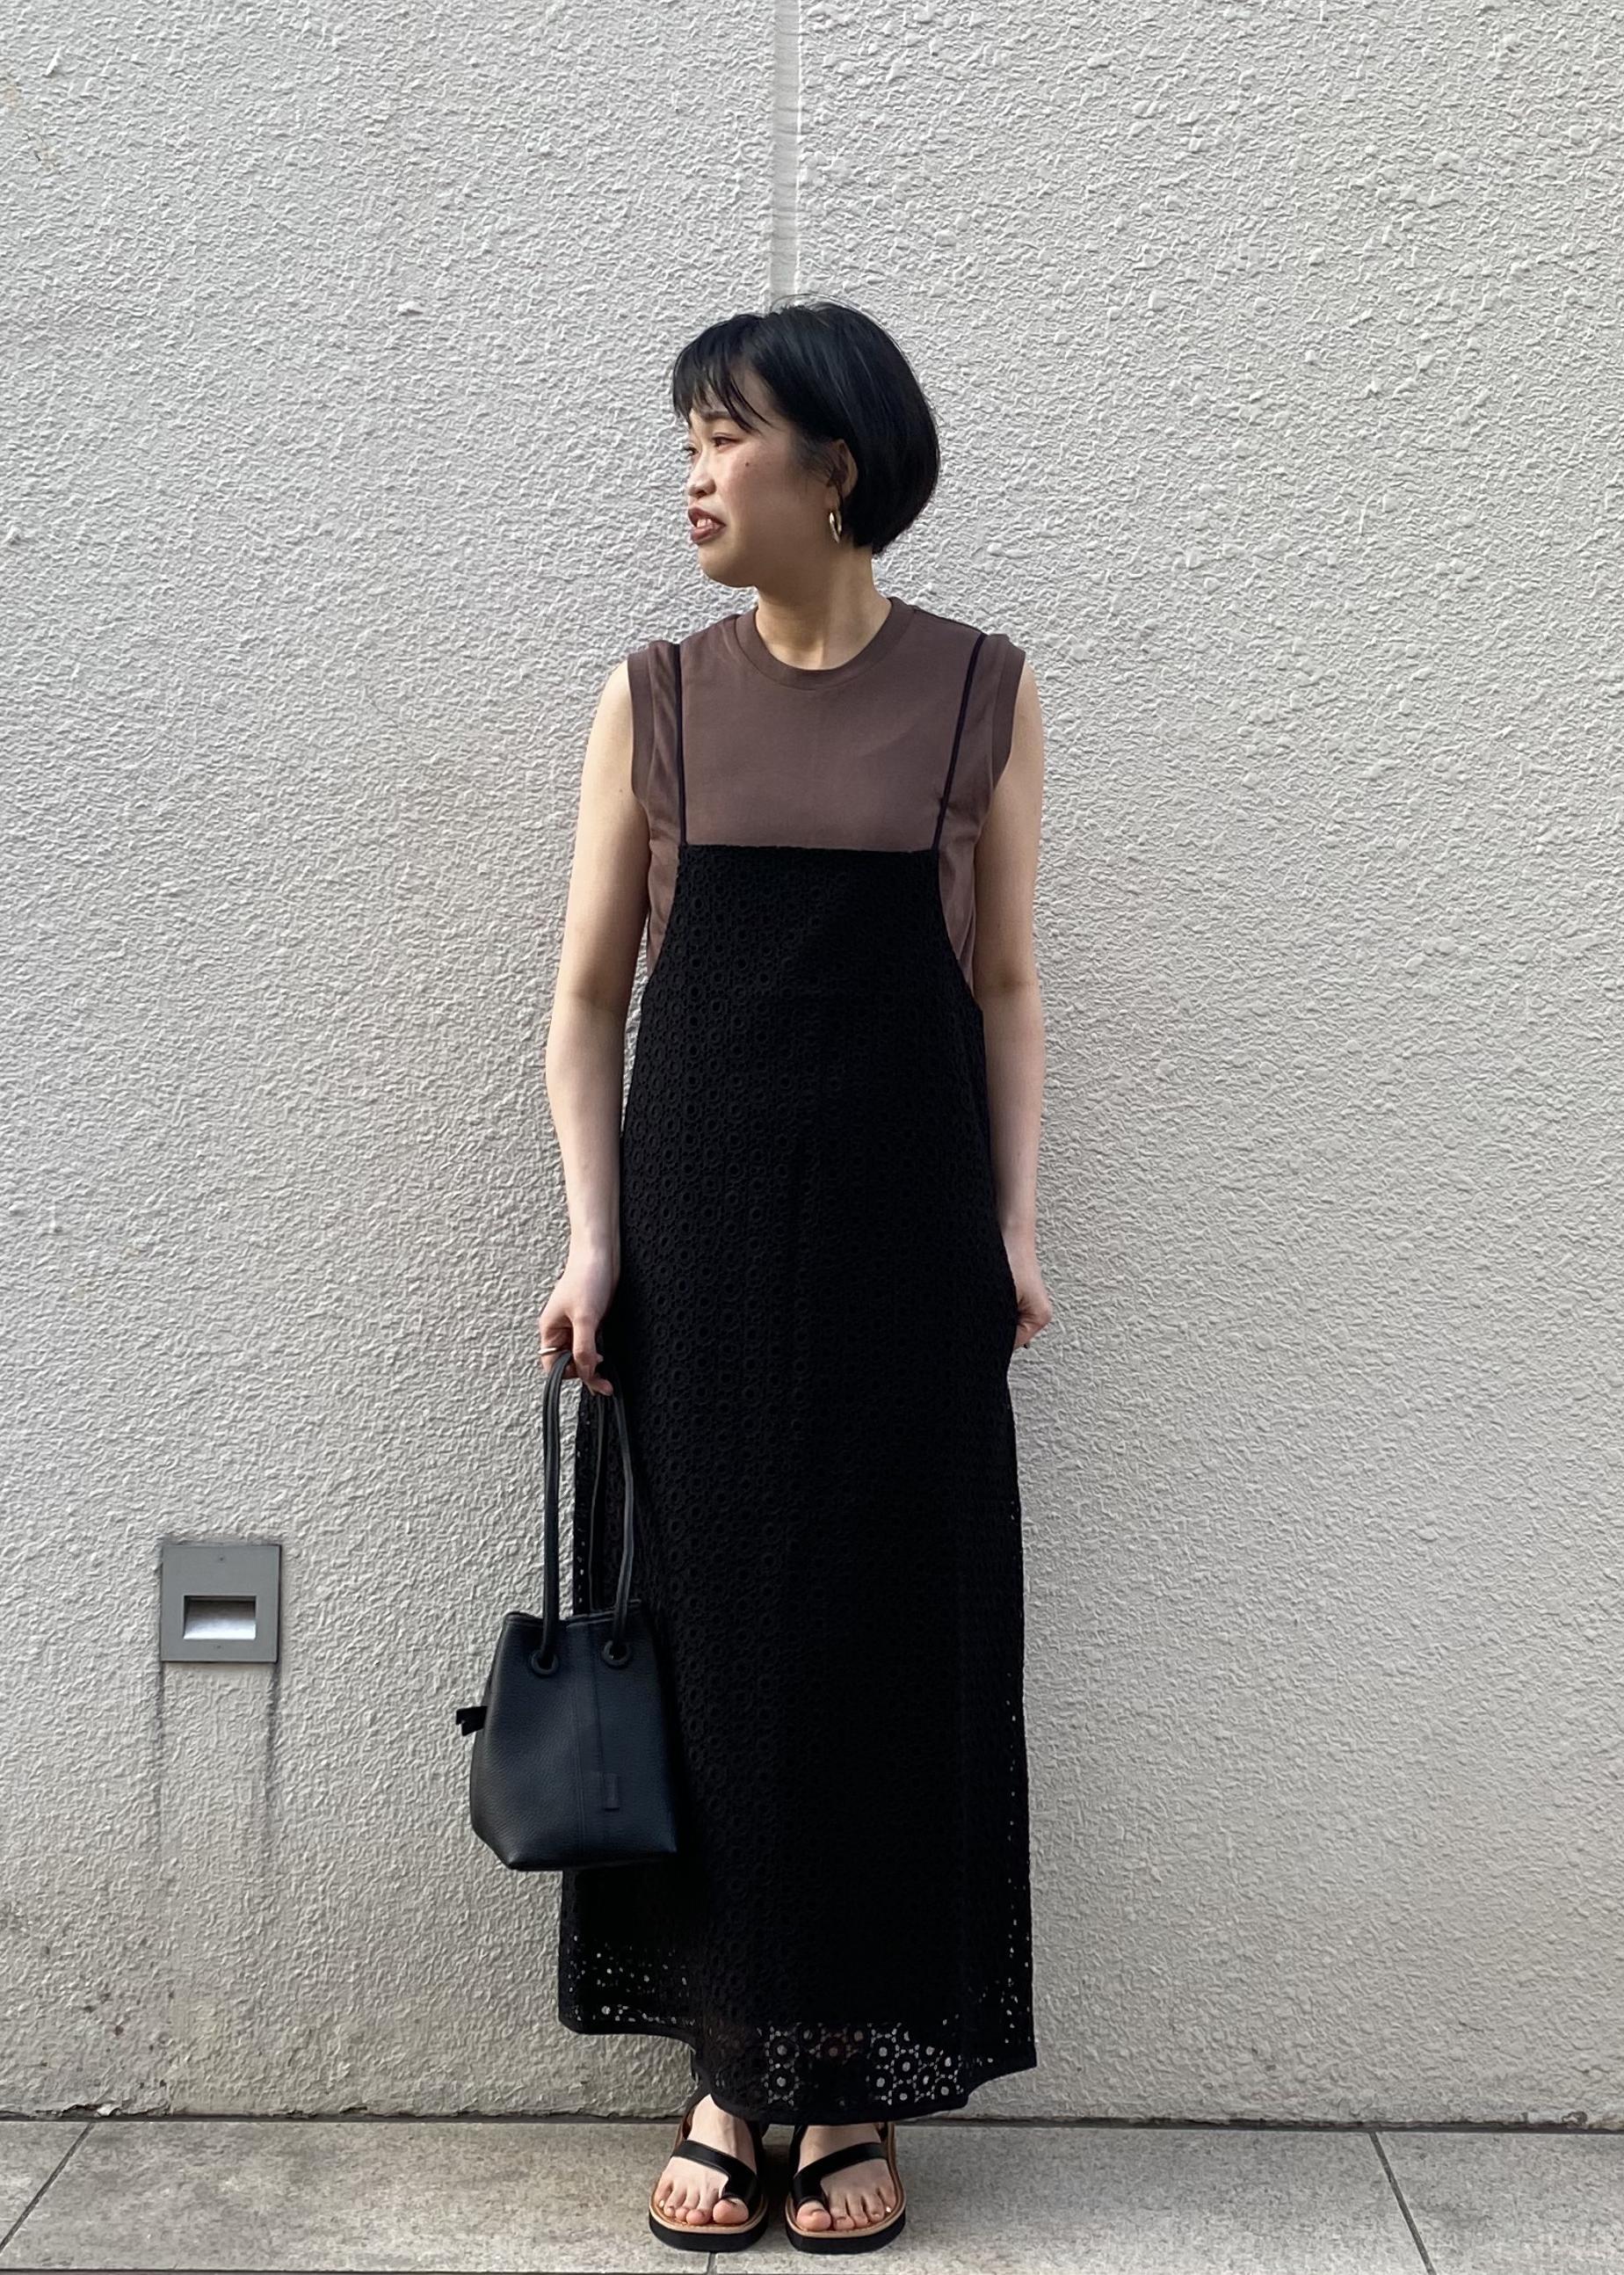 ADAM ET ROPE'の【missing you already】EYELET STRING DRESSを使ったコーディネートを紹介します。|Rakuten Fashion(楽天ファッション/旧楽天ブランドアベニュー)1110355